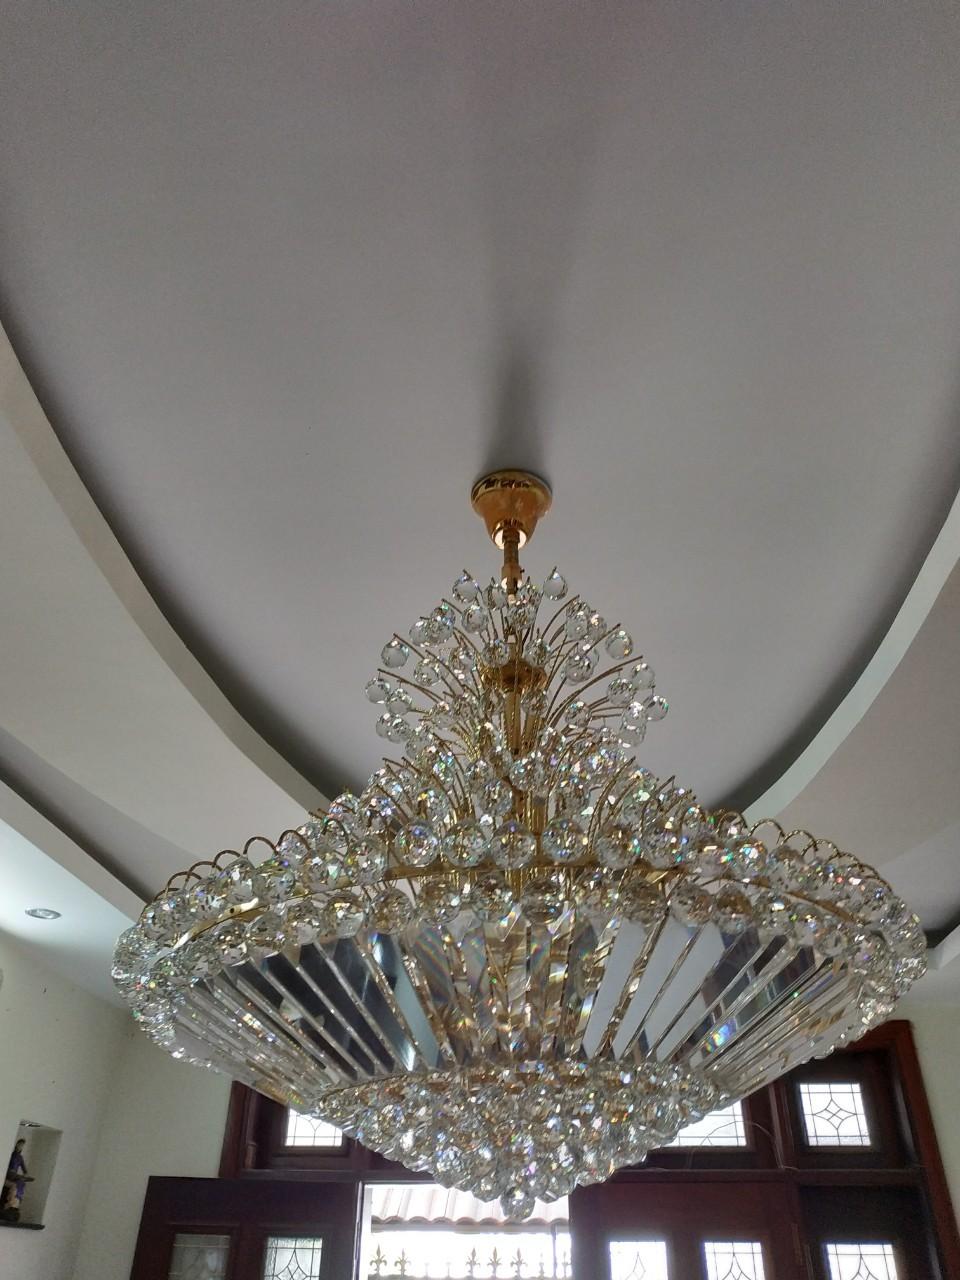 Sửa chữa đèn led, đèn trang trí, đèn chùm giá rẻ hấp dẫn